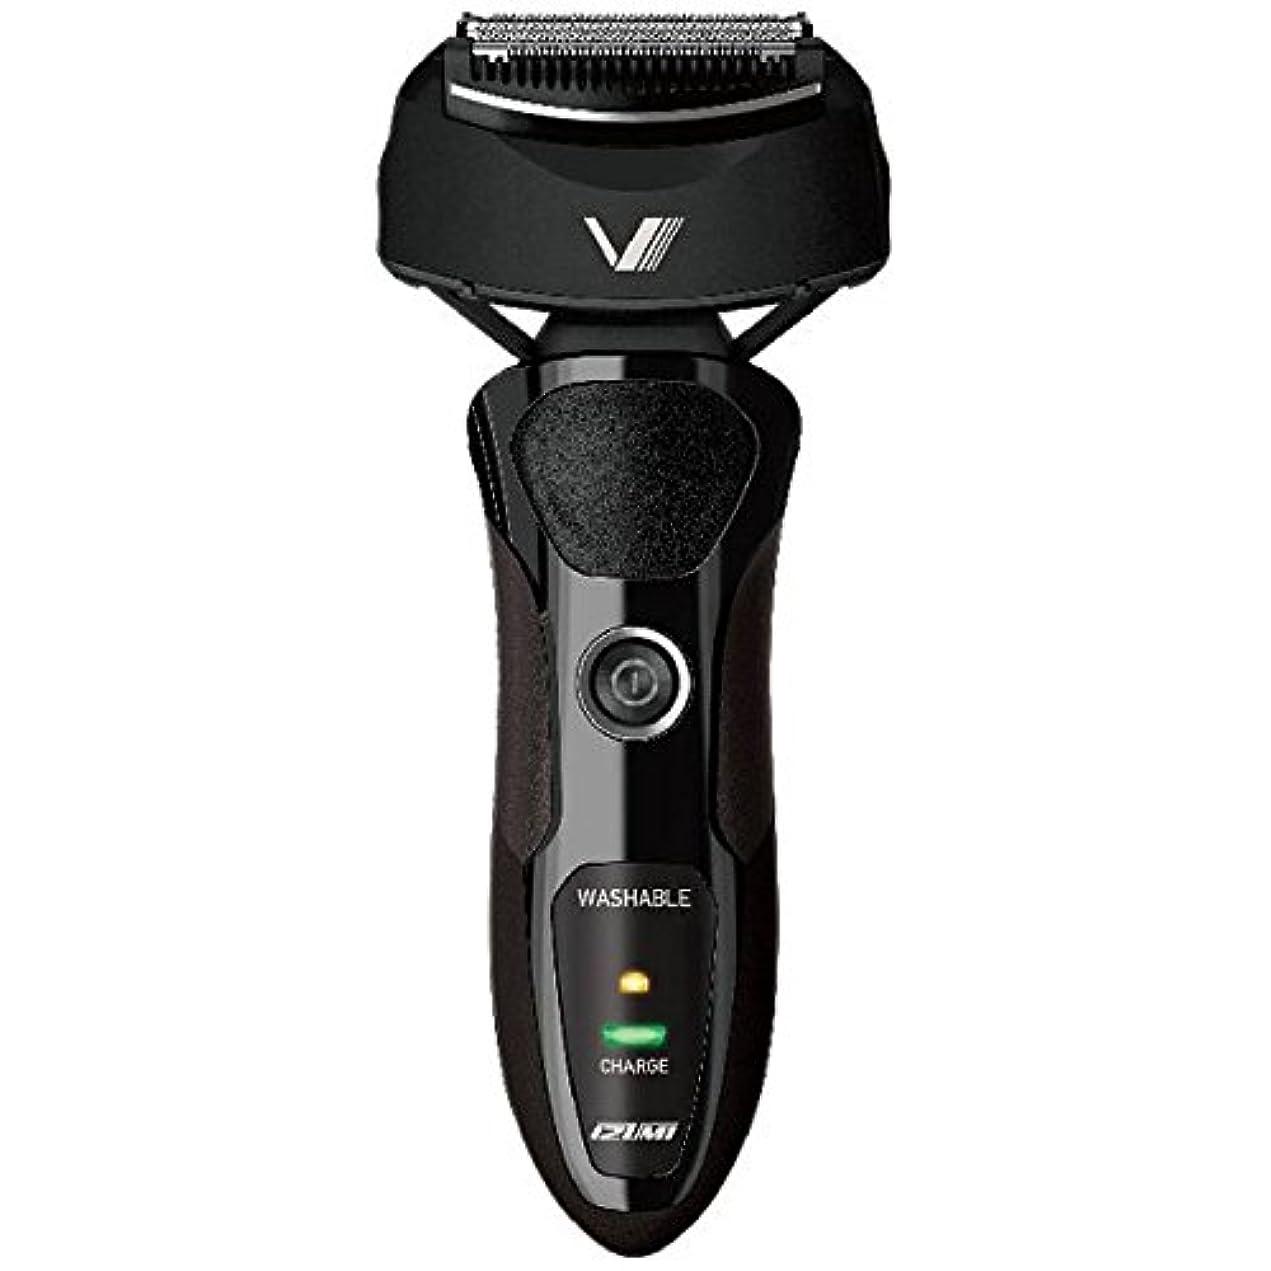 パウダー手足口述するIZUMI VIDAN 往復式シェーバー 深剃りシリーズ 3枚刃 ブラック IZF-V36-K